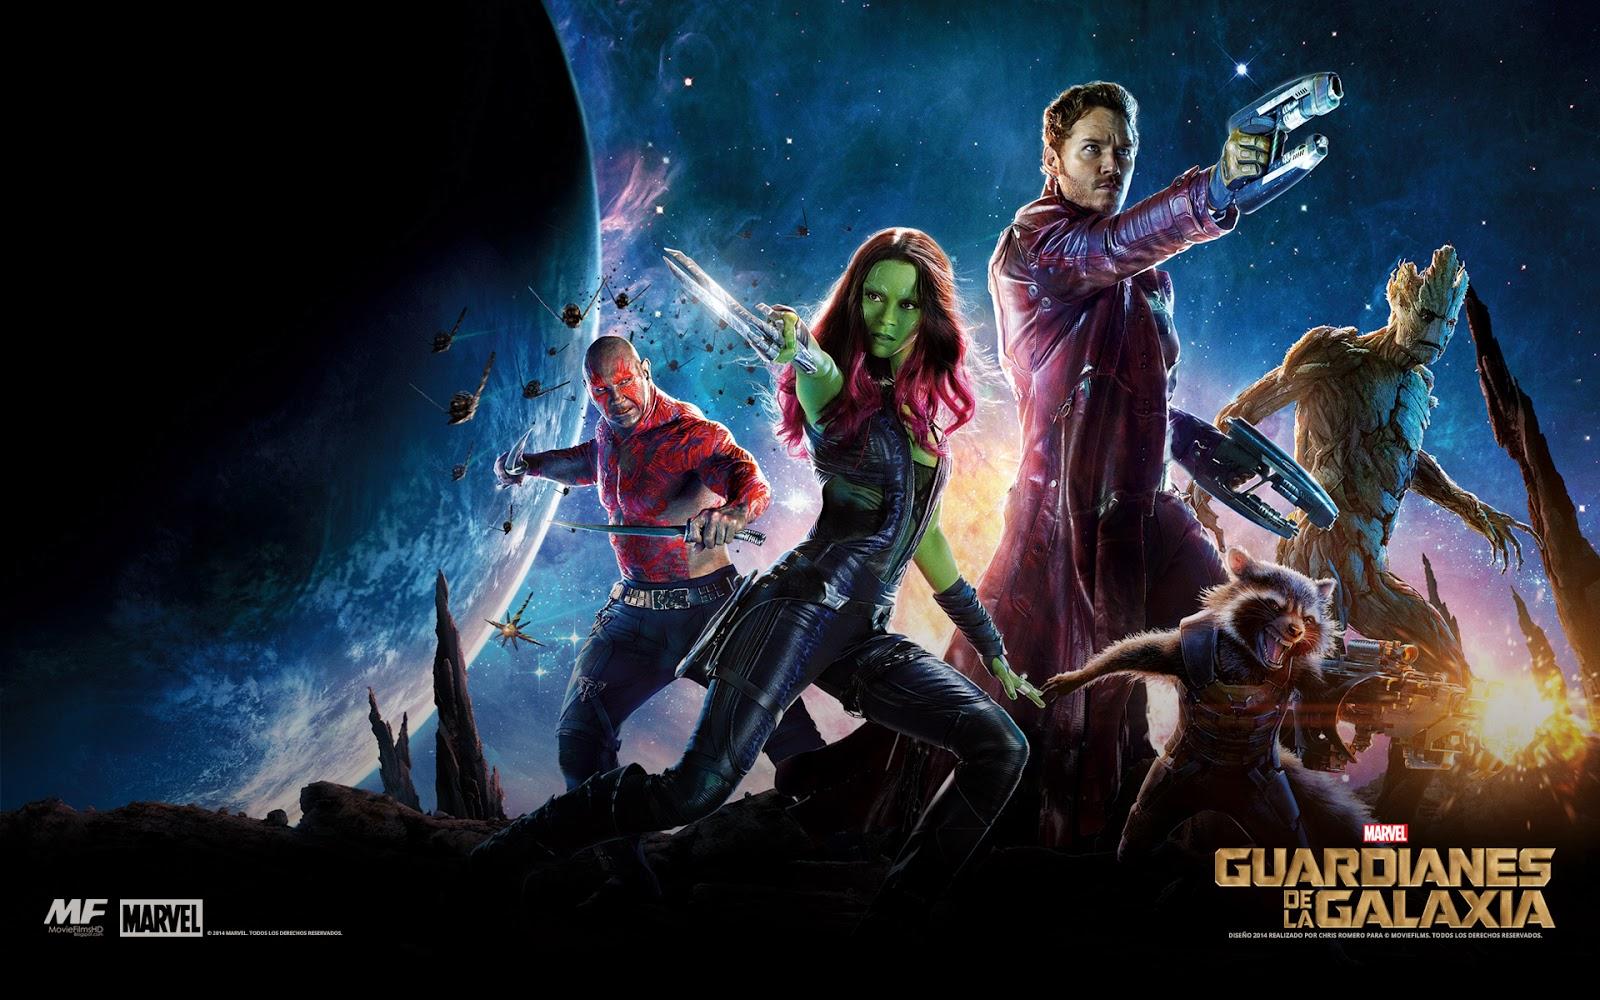 Wallpaper Latino De Guardianes De La Galaxia - Guardians Of The Galaxy Vol 1 Netflix , HD Wallpaper & Backgrounds